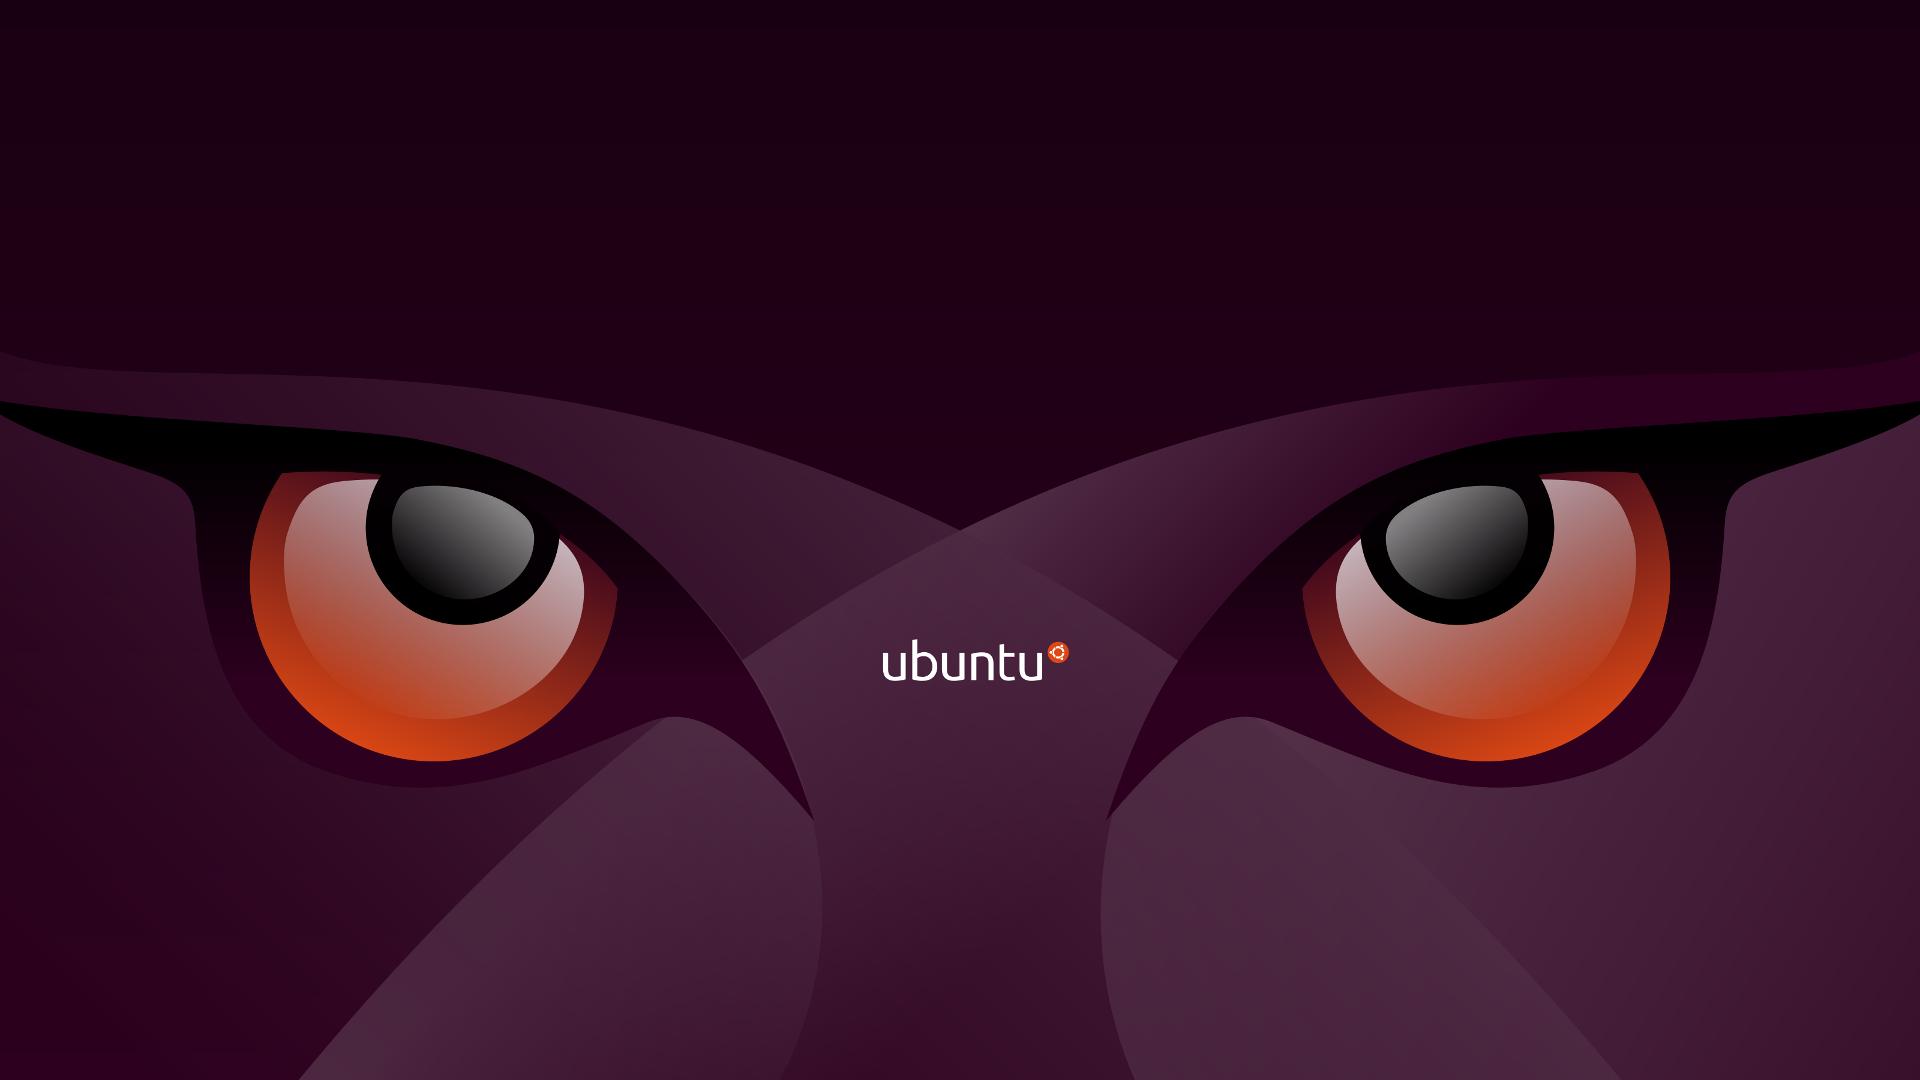 Ubuntu Wallpapers Desktop Wallpaper 1920x1080 1920x1080